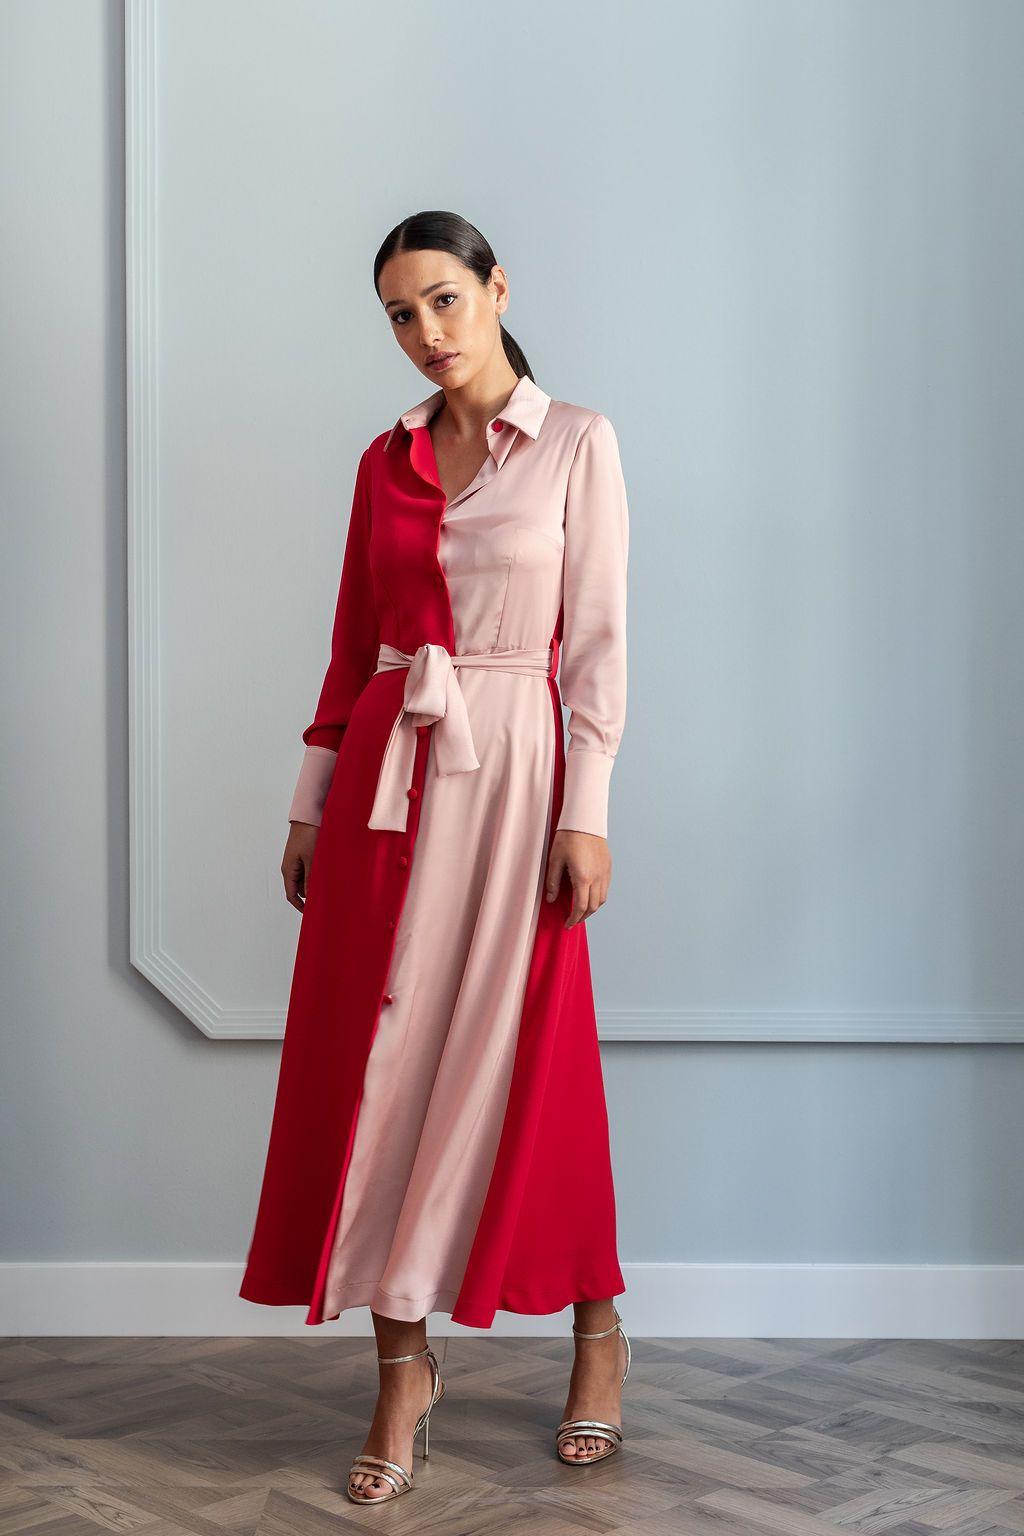 52967f5555 Vestido camisero de corte midi bicolor confeccionado en crepe rojo y rosa